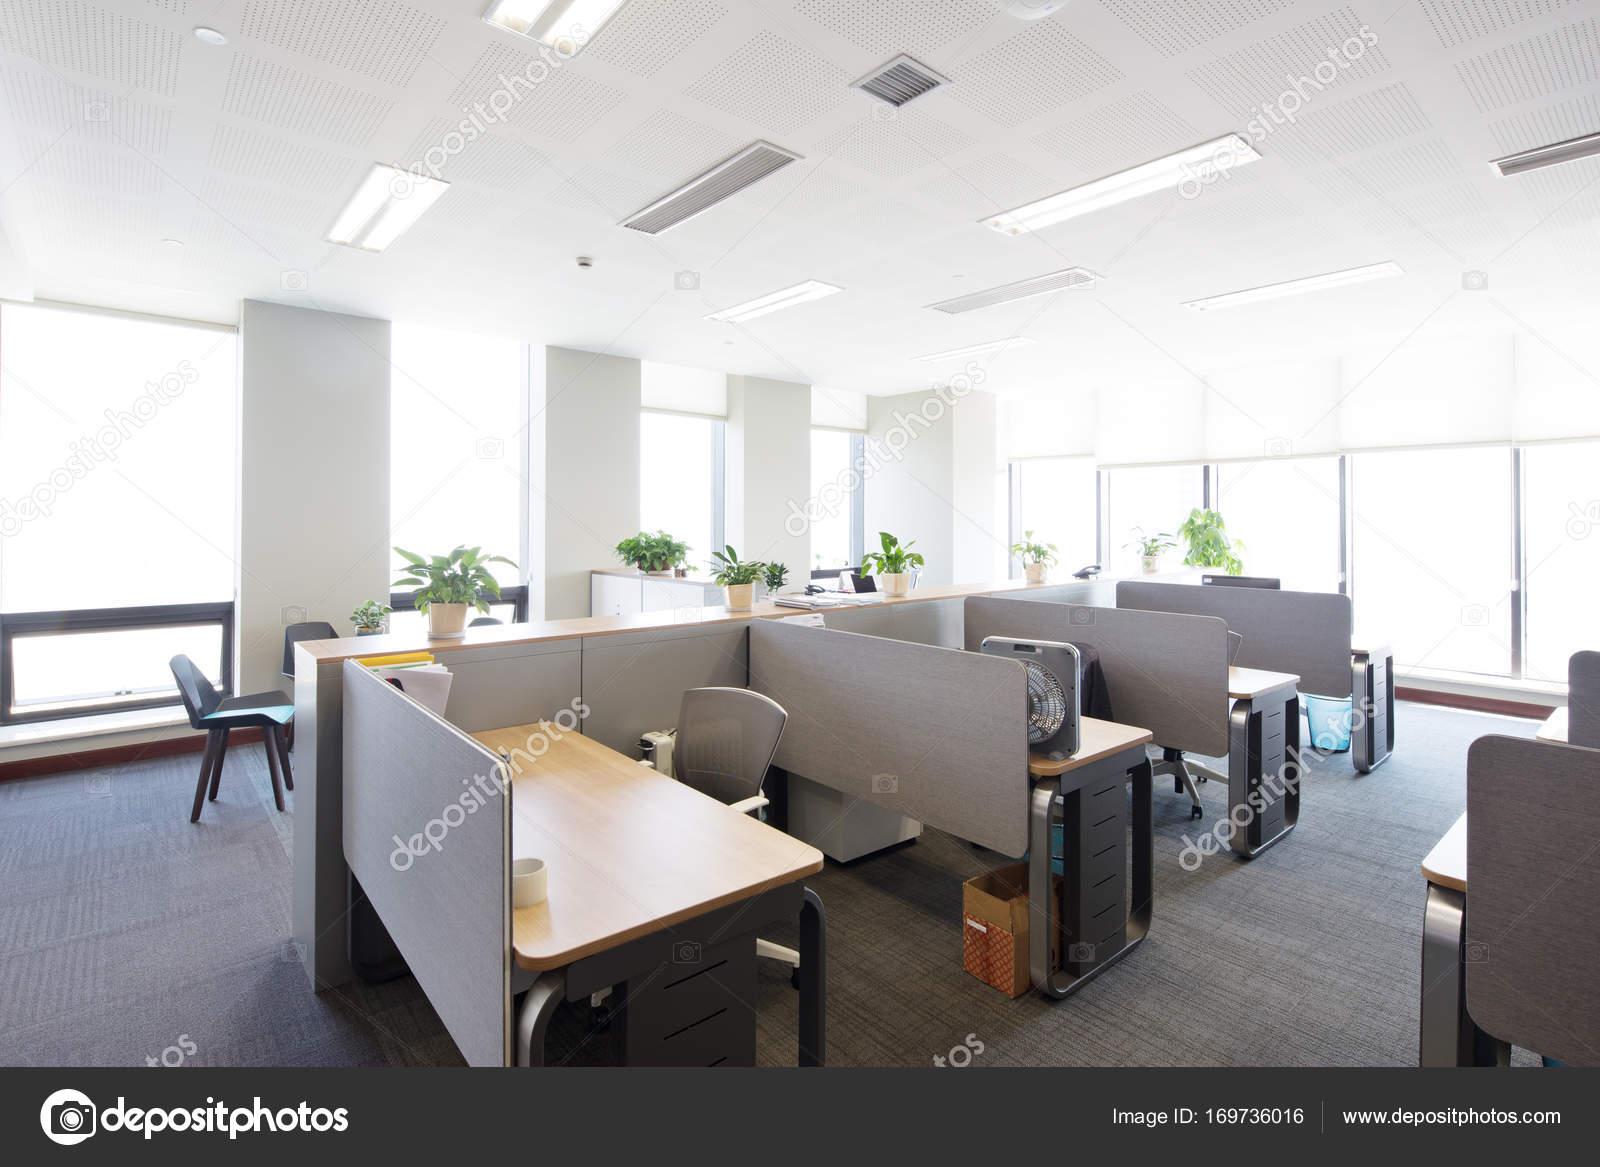 moderne Büro-Interieur — Stockfoto © zhudifeng #169736016